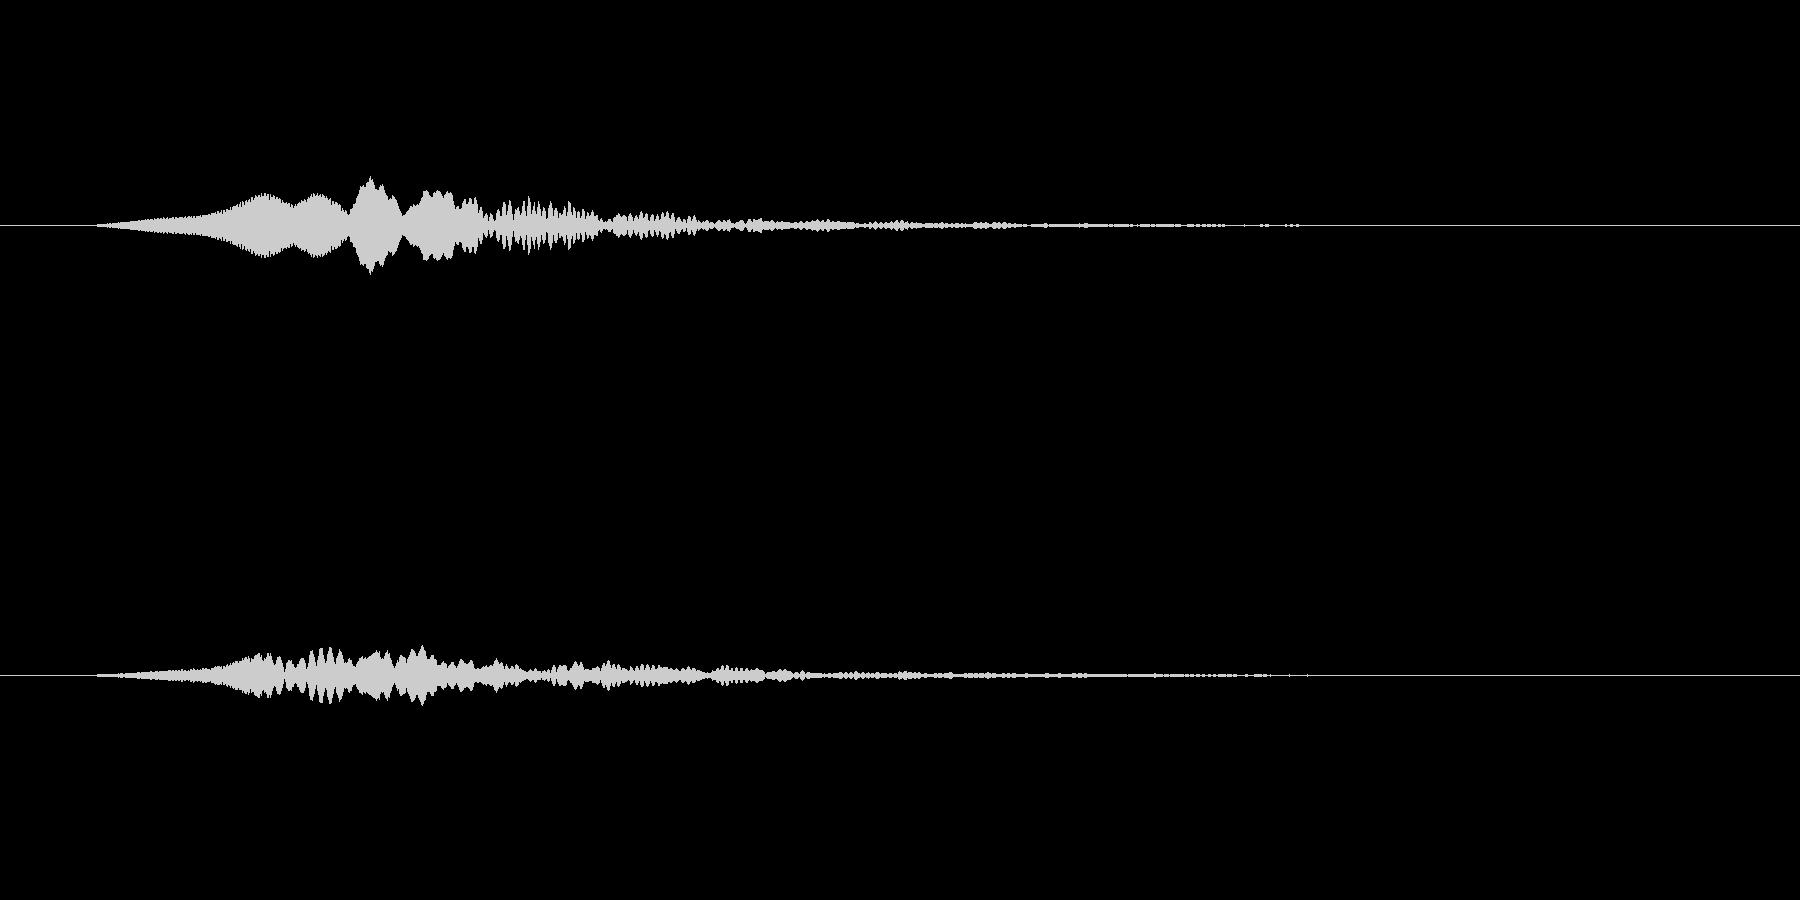 【SE 効果音】効果音その18の未再生の波形